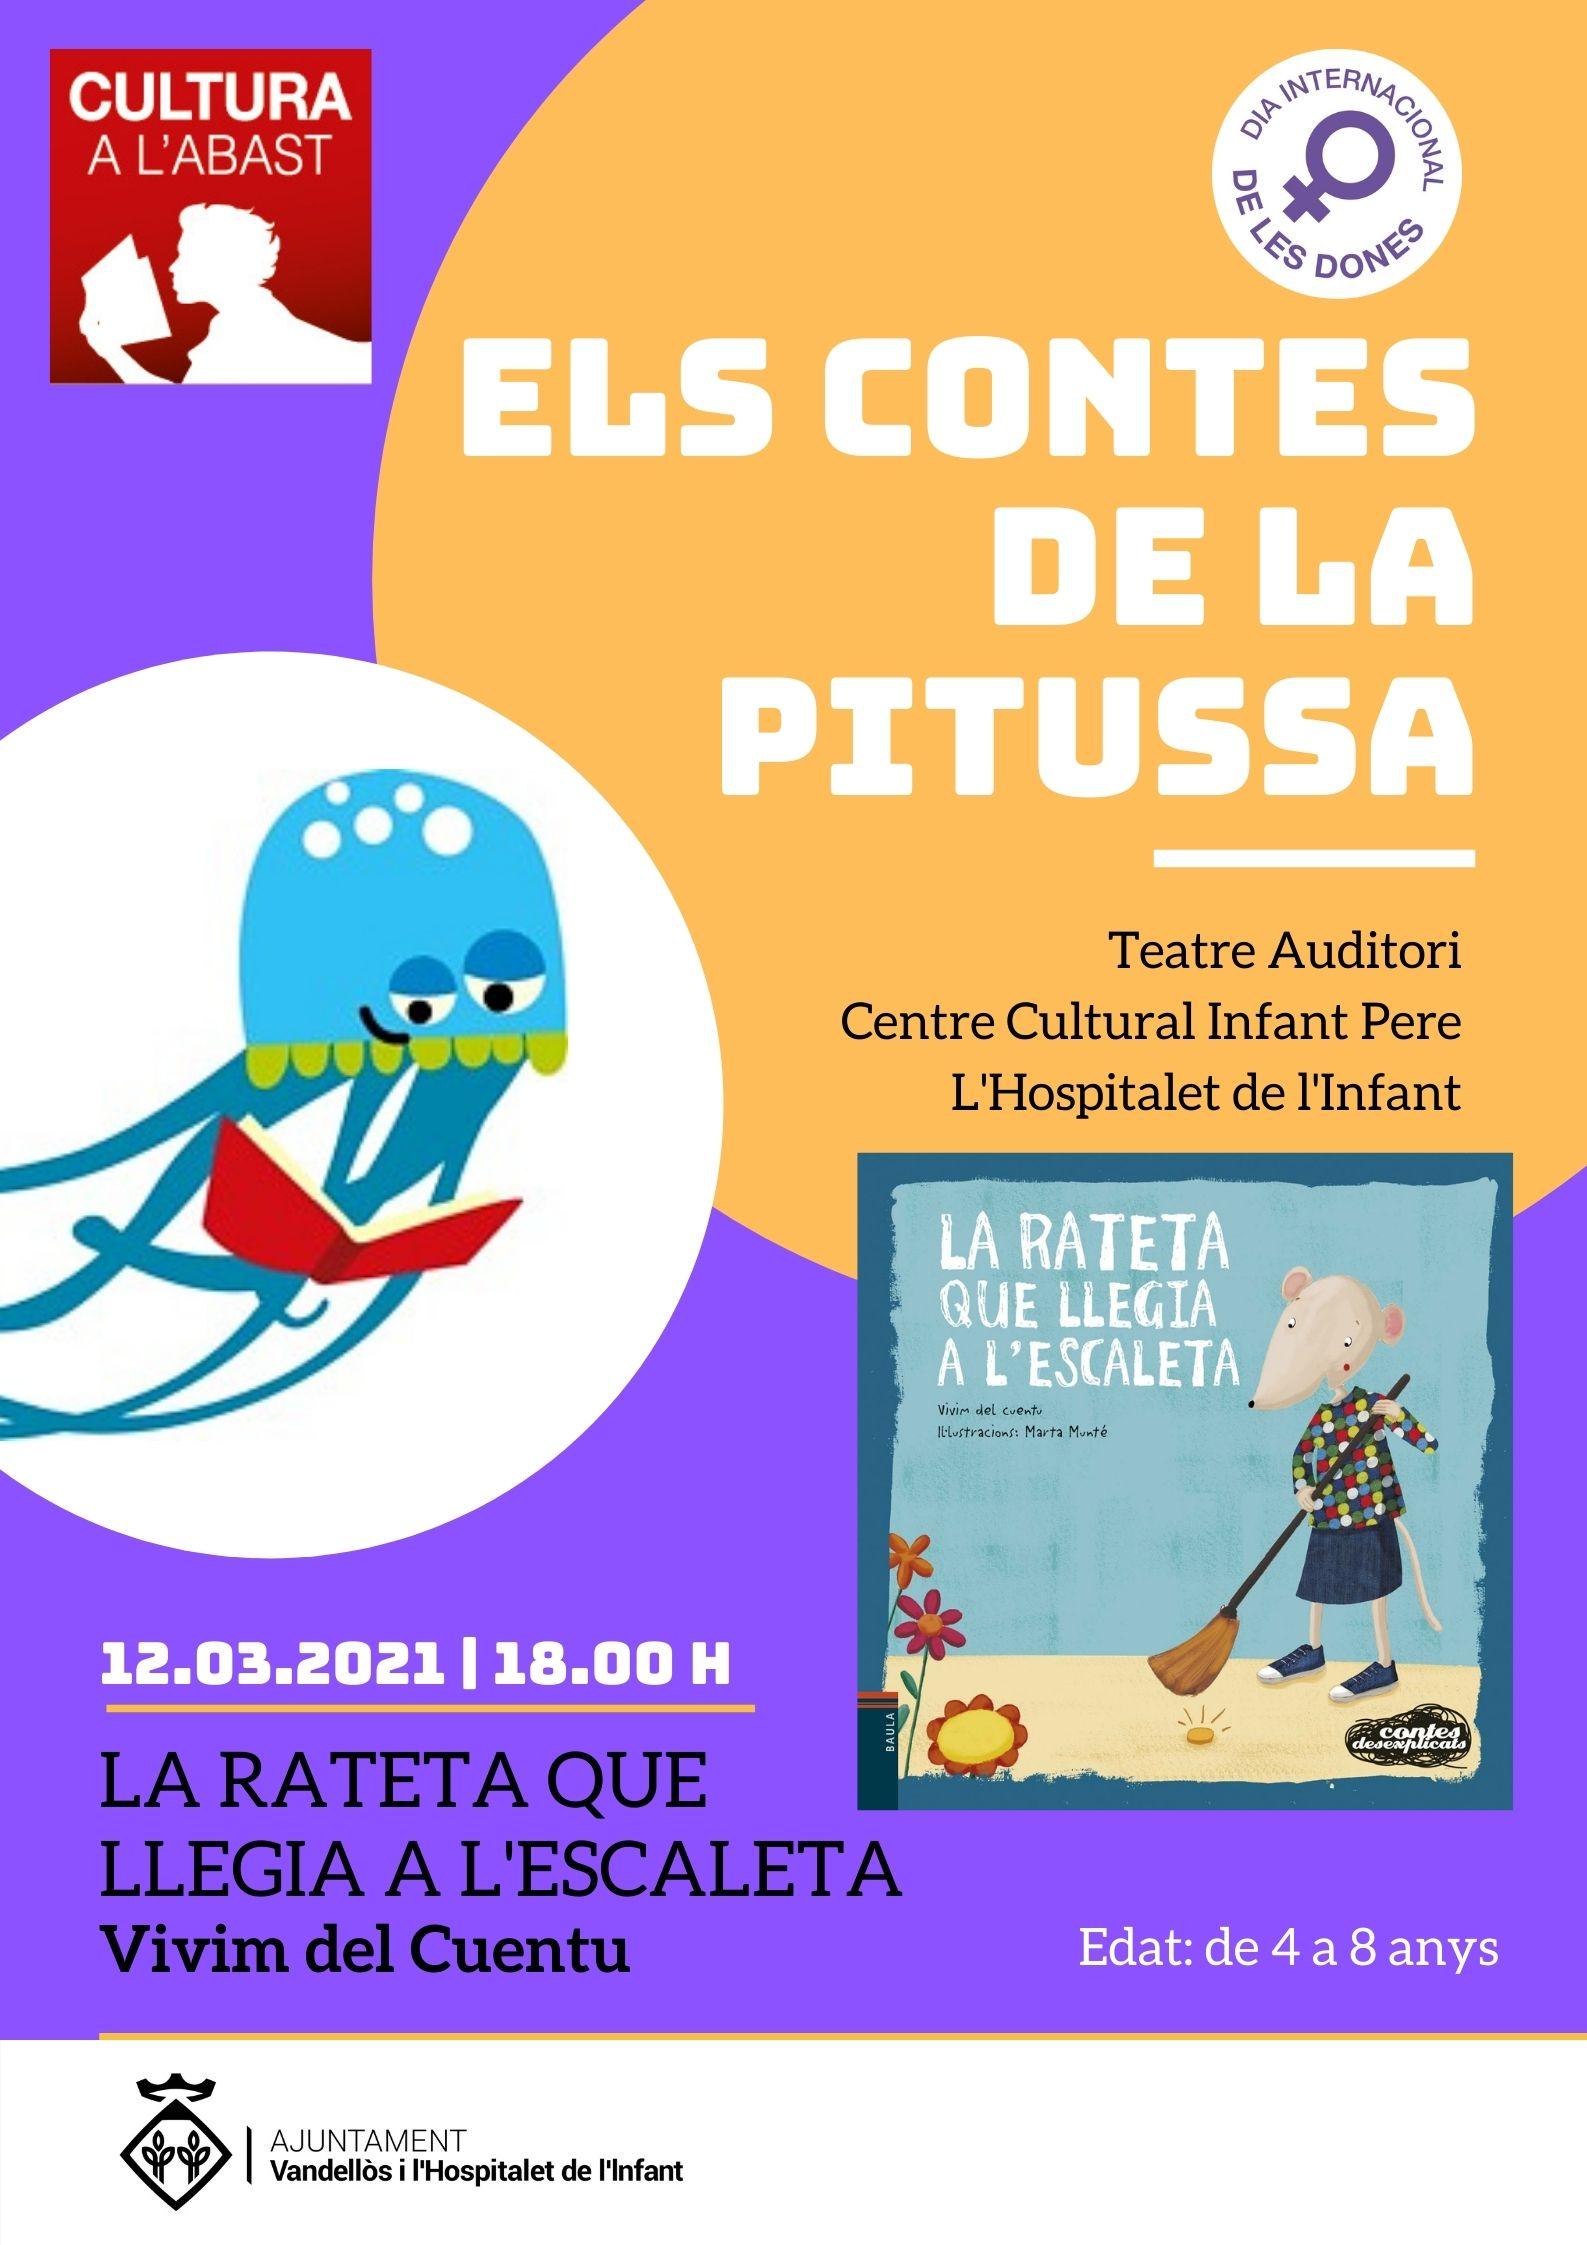 Els contes de la Pitussa: LA RATETA QUE LLEGIA A L'ESCALETA - 12/03/2021 - A les 18.00 h